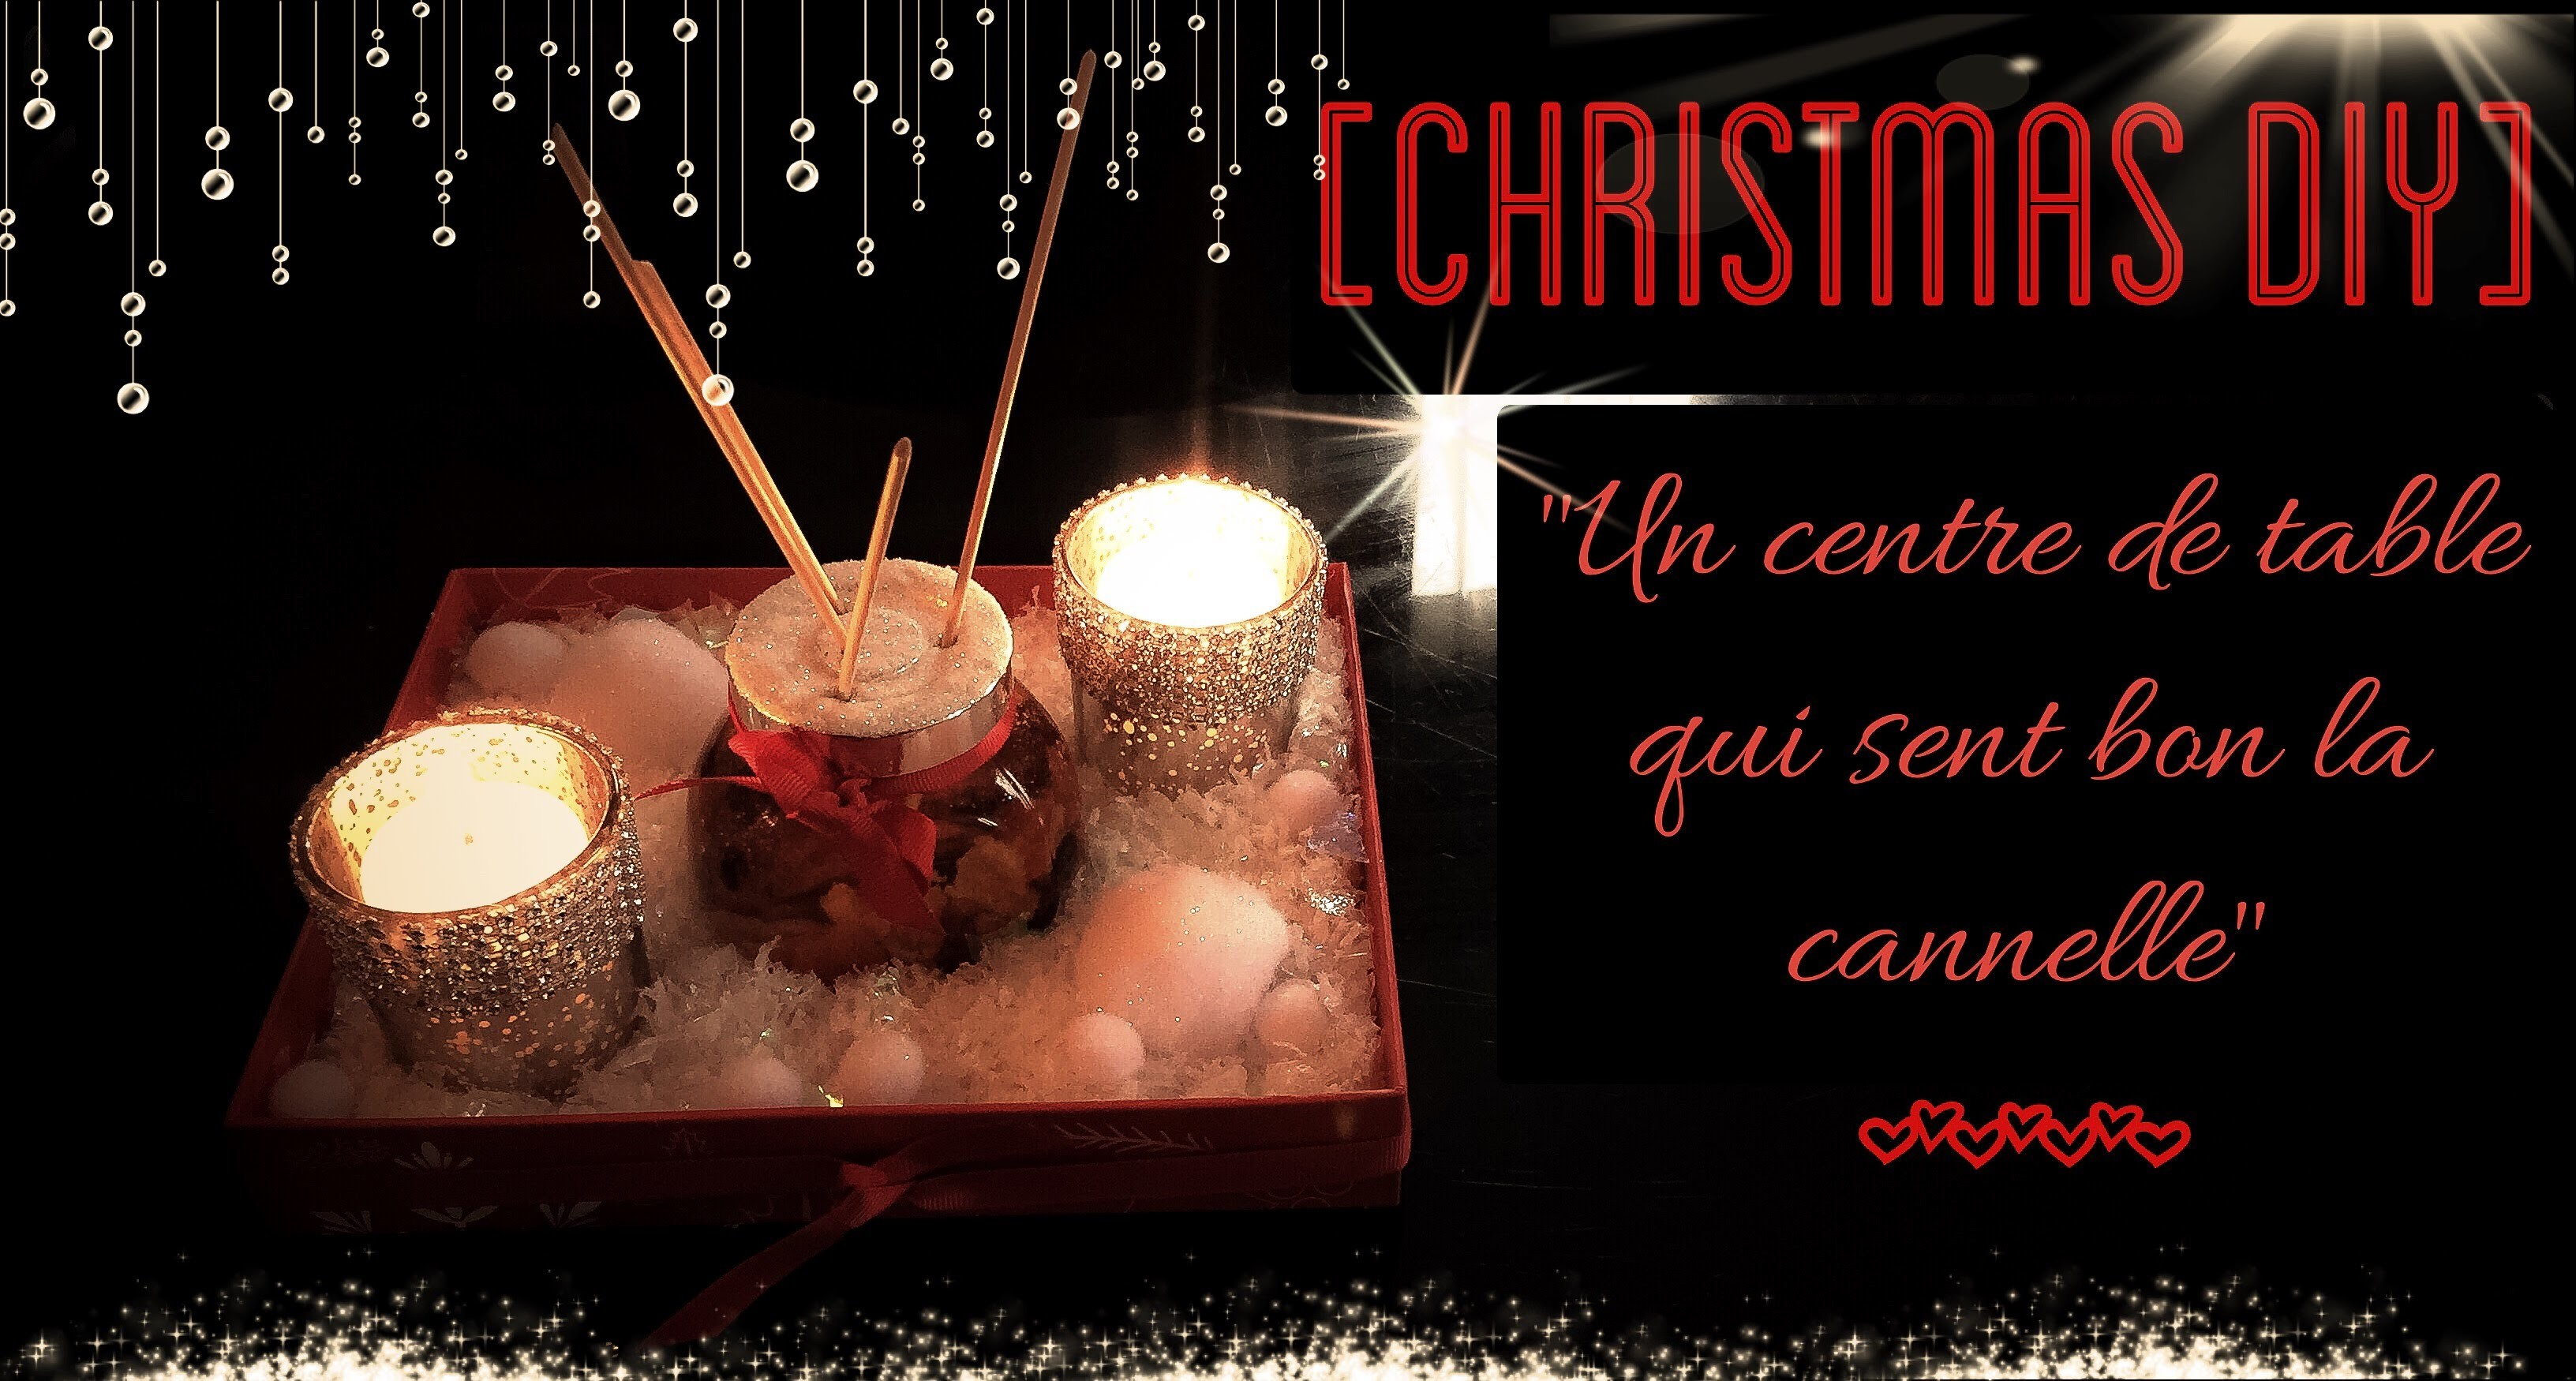 """[CHRISTMAS DIY] """"Un centre de table qui sent bon la cannelle"""" + création de diffuseur"""